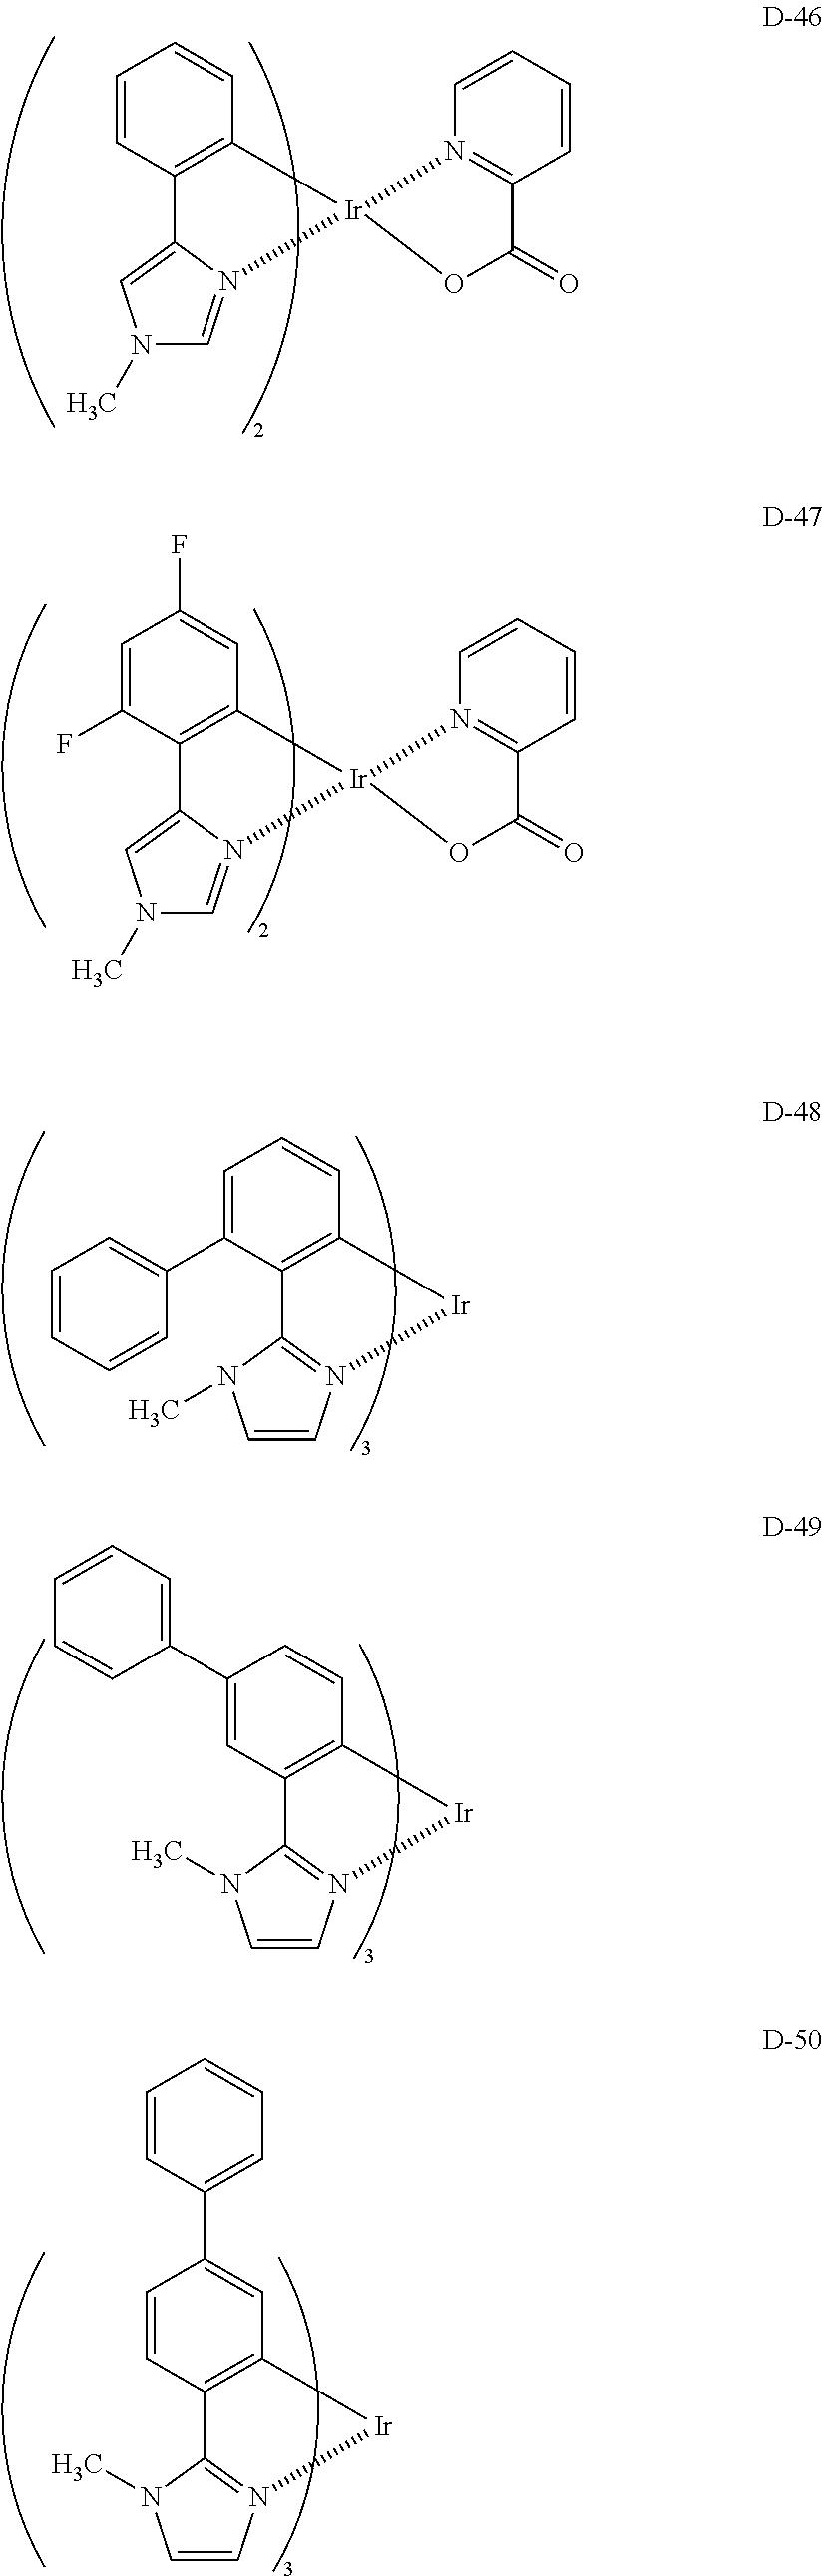 Figure US09935269-20180403-C00074